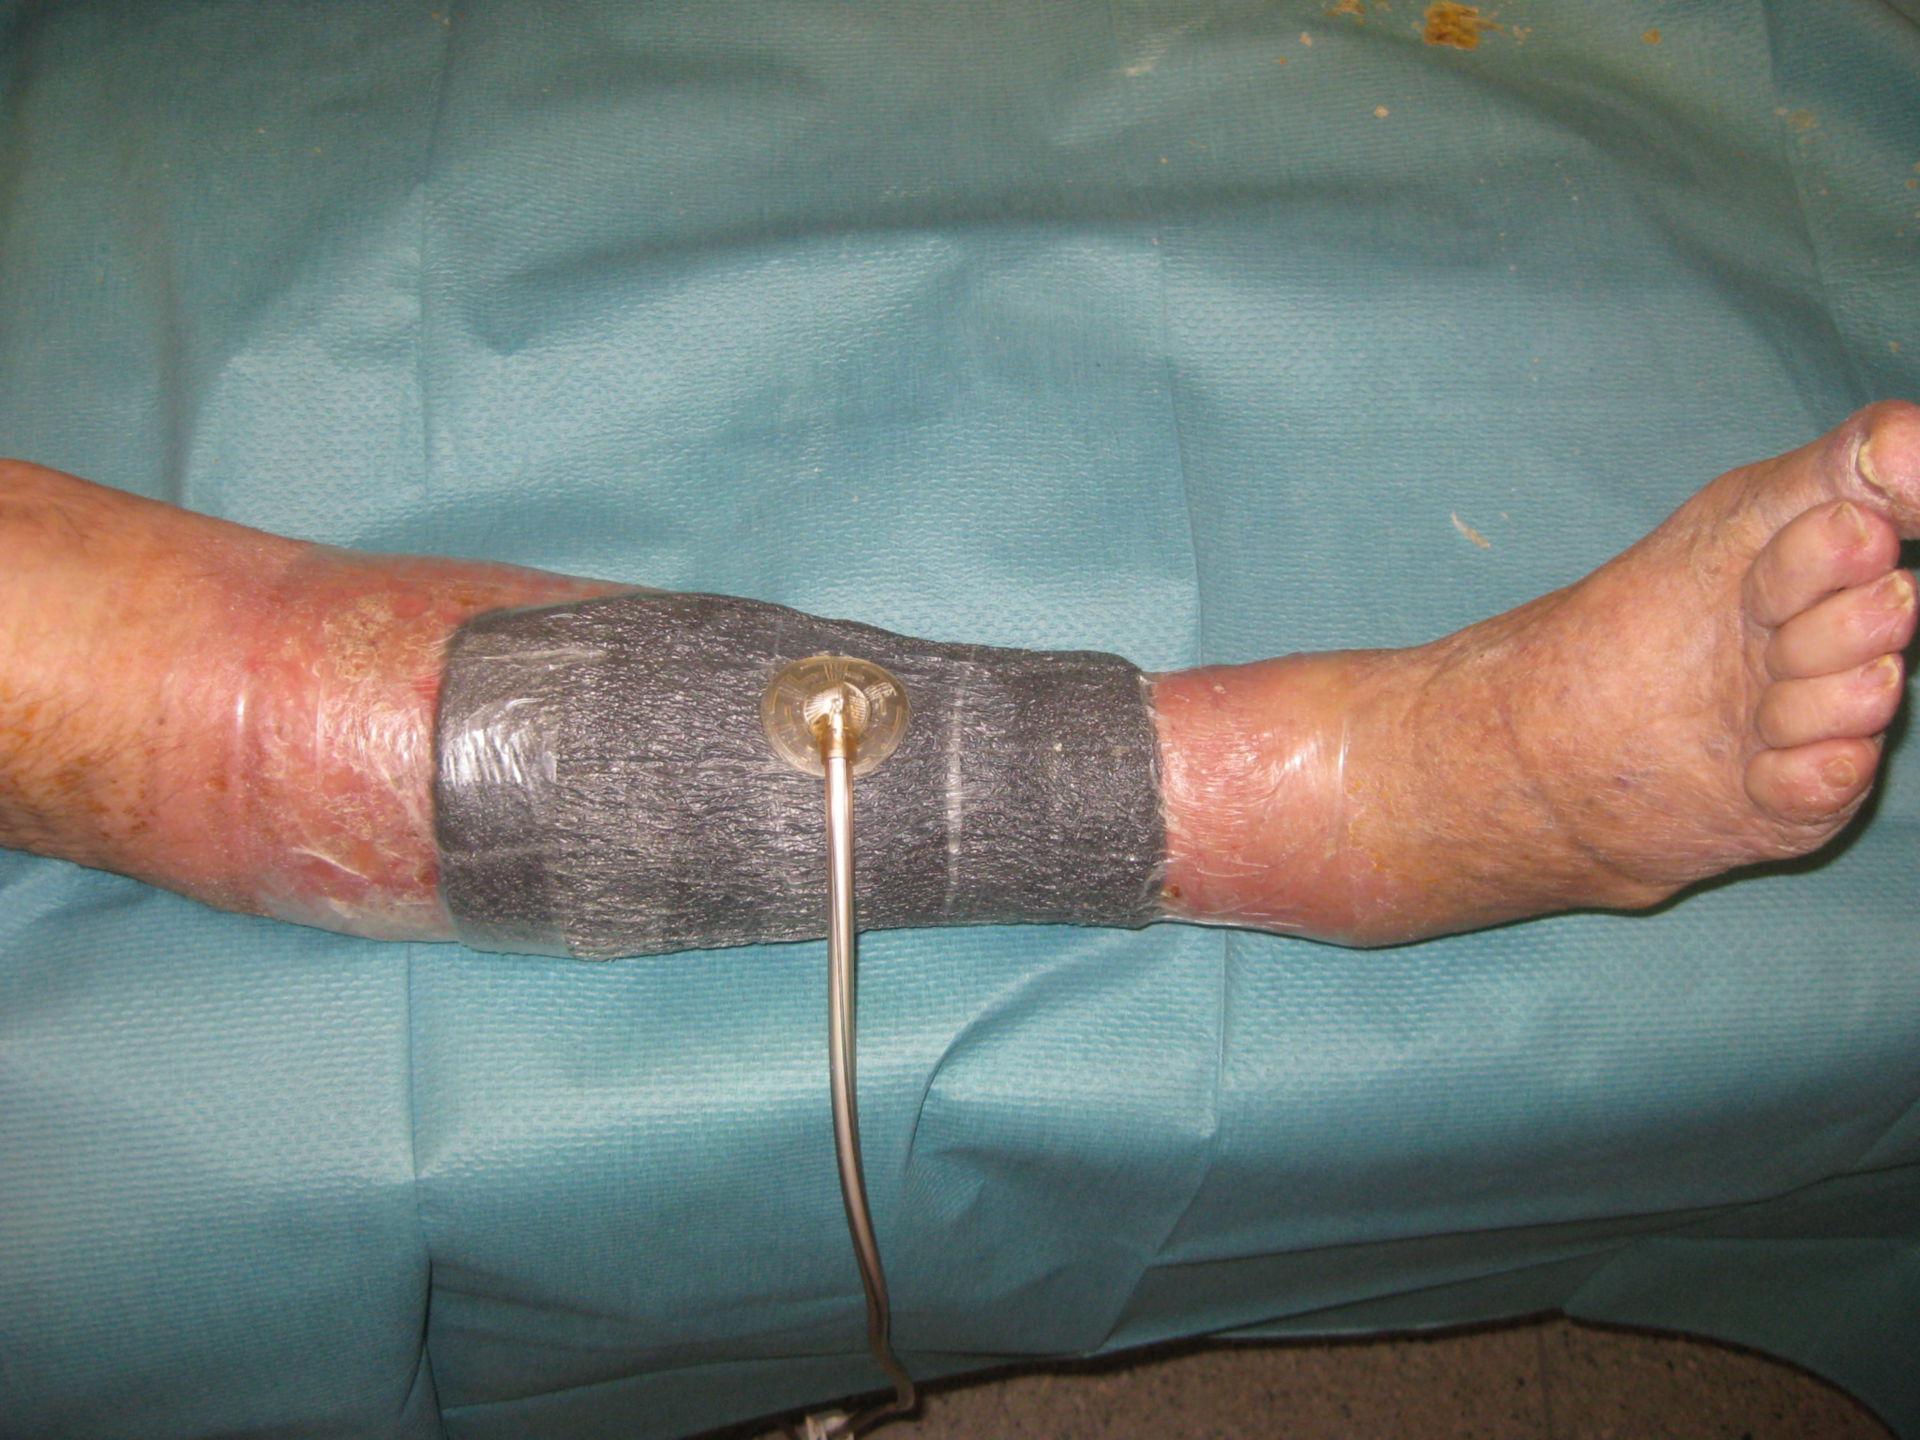 Ulcera cruris tenuta sotto vuoto con KCI